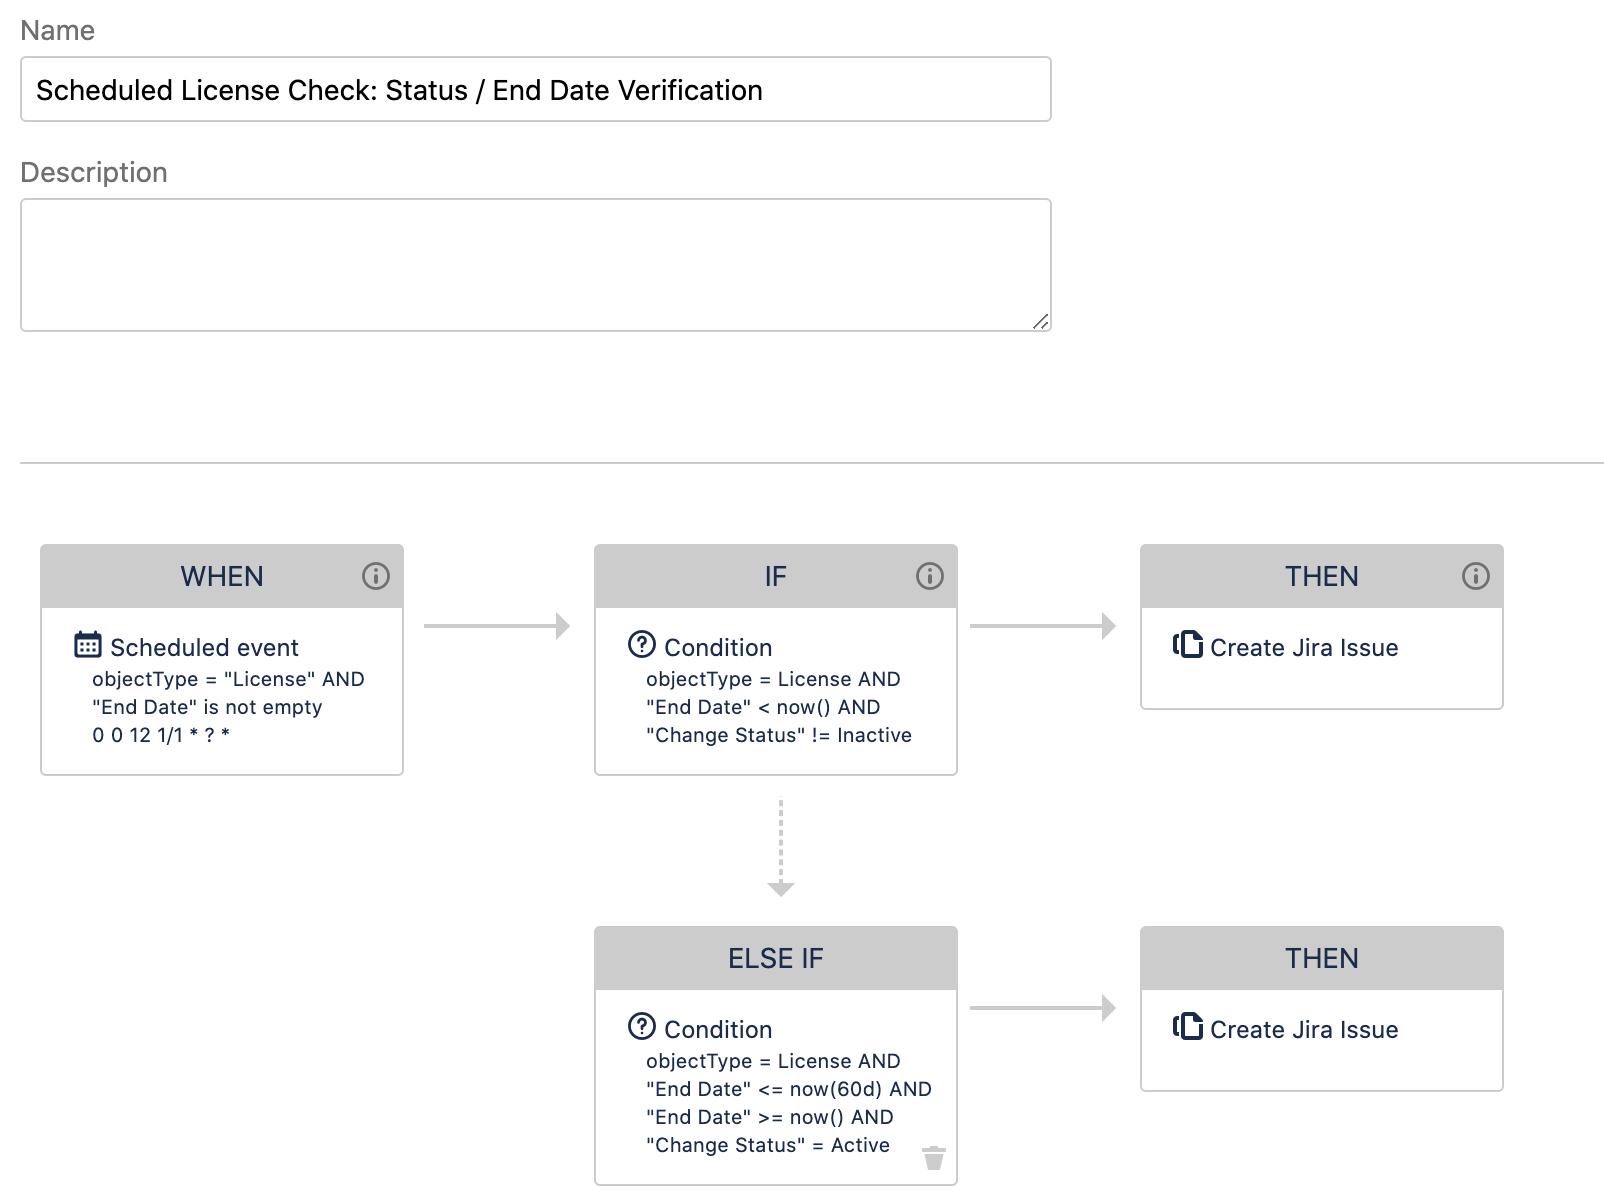 Regel voor Insight-automatisering om Jira-issues aan te maken als licenties bijna verlopen.